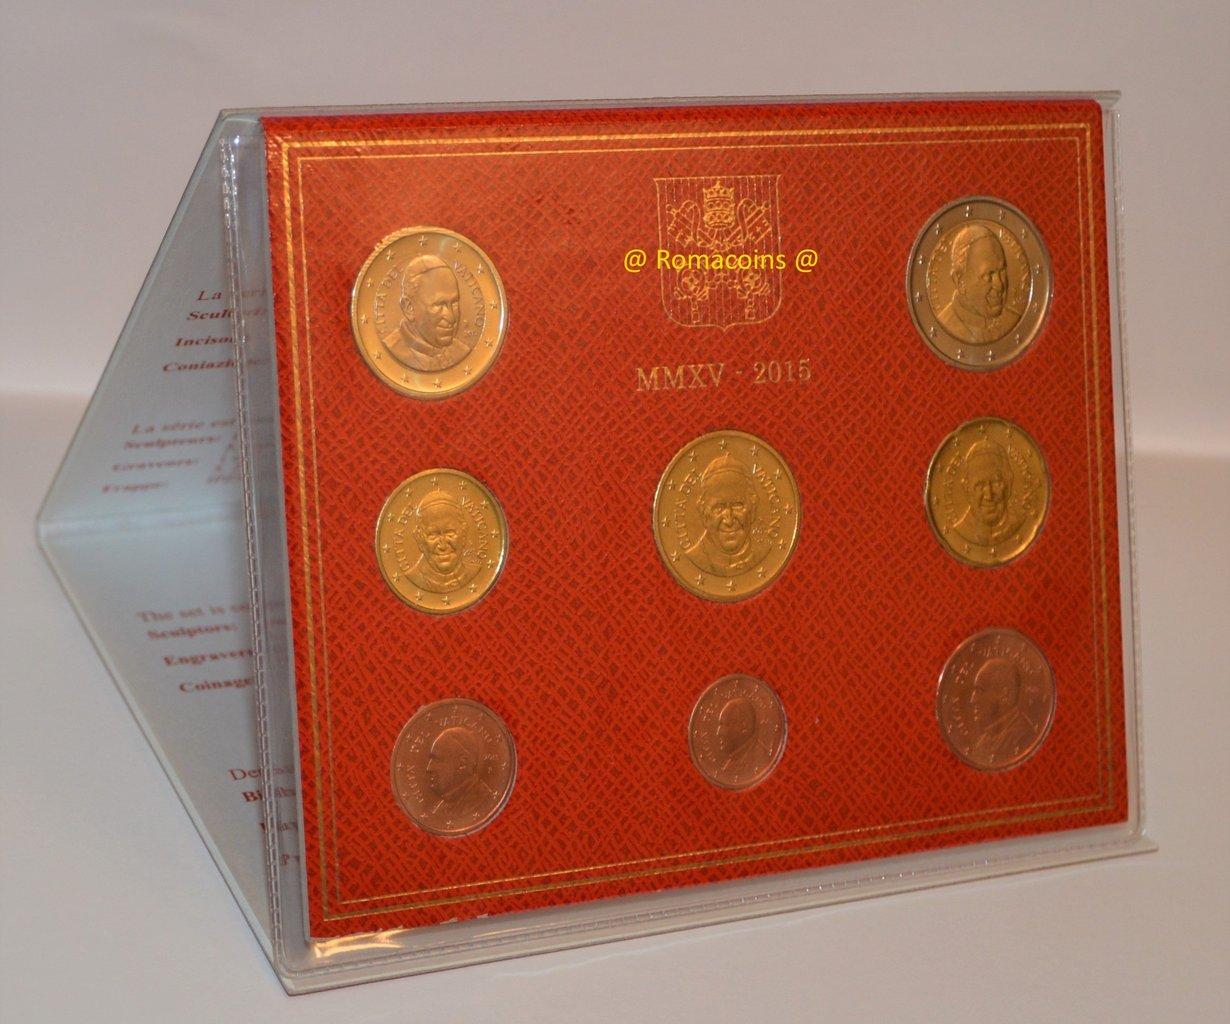 Vatikan Kms 2015 Euro Kursmünzensatz Stempelglanz